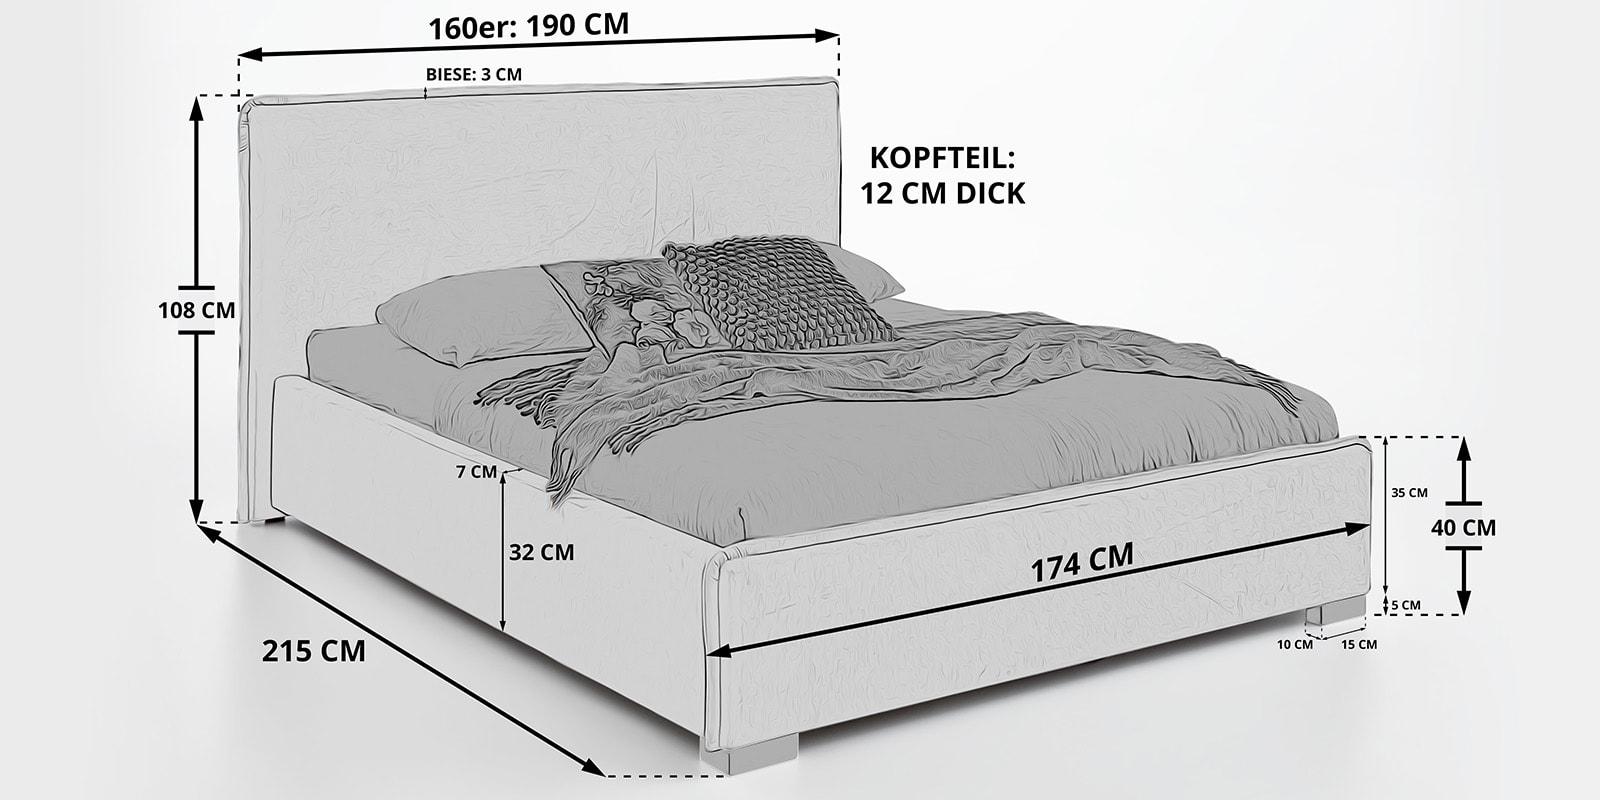 Moebella24 - Bett - mit - Bettkasten - Sofia - Skizze - Maße - 160er - Samt - Stauraum - Polsterbett - Von - vorne - links